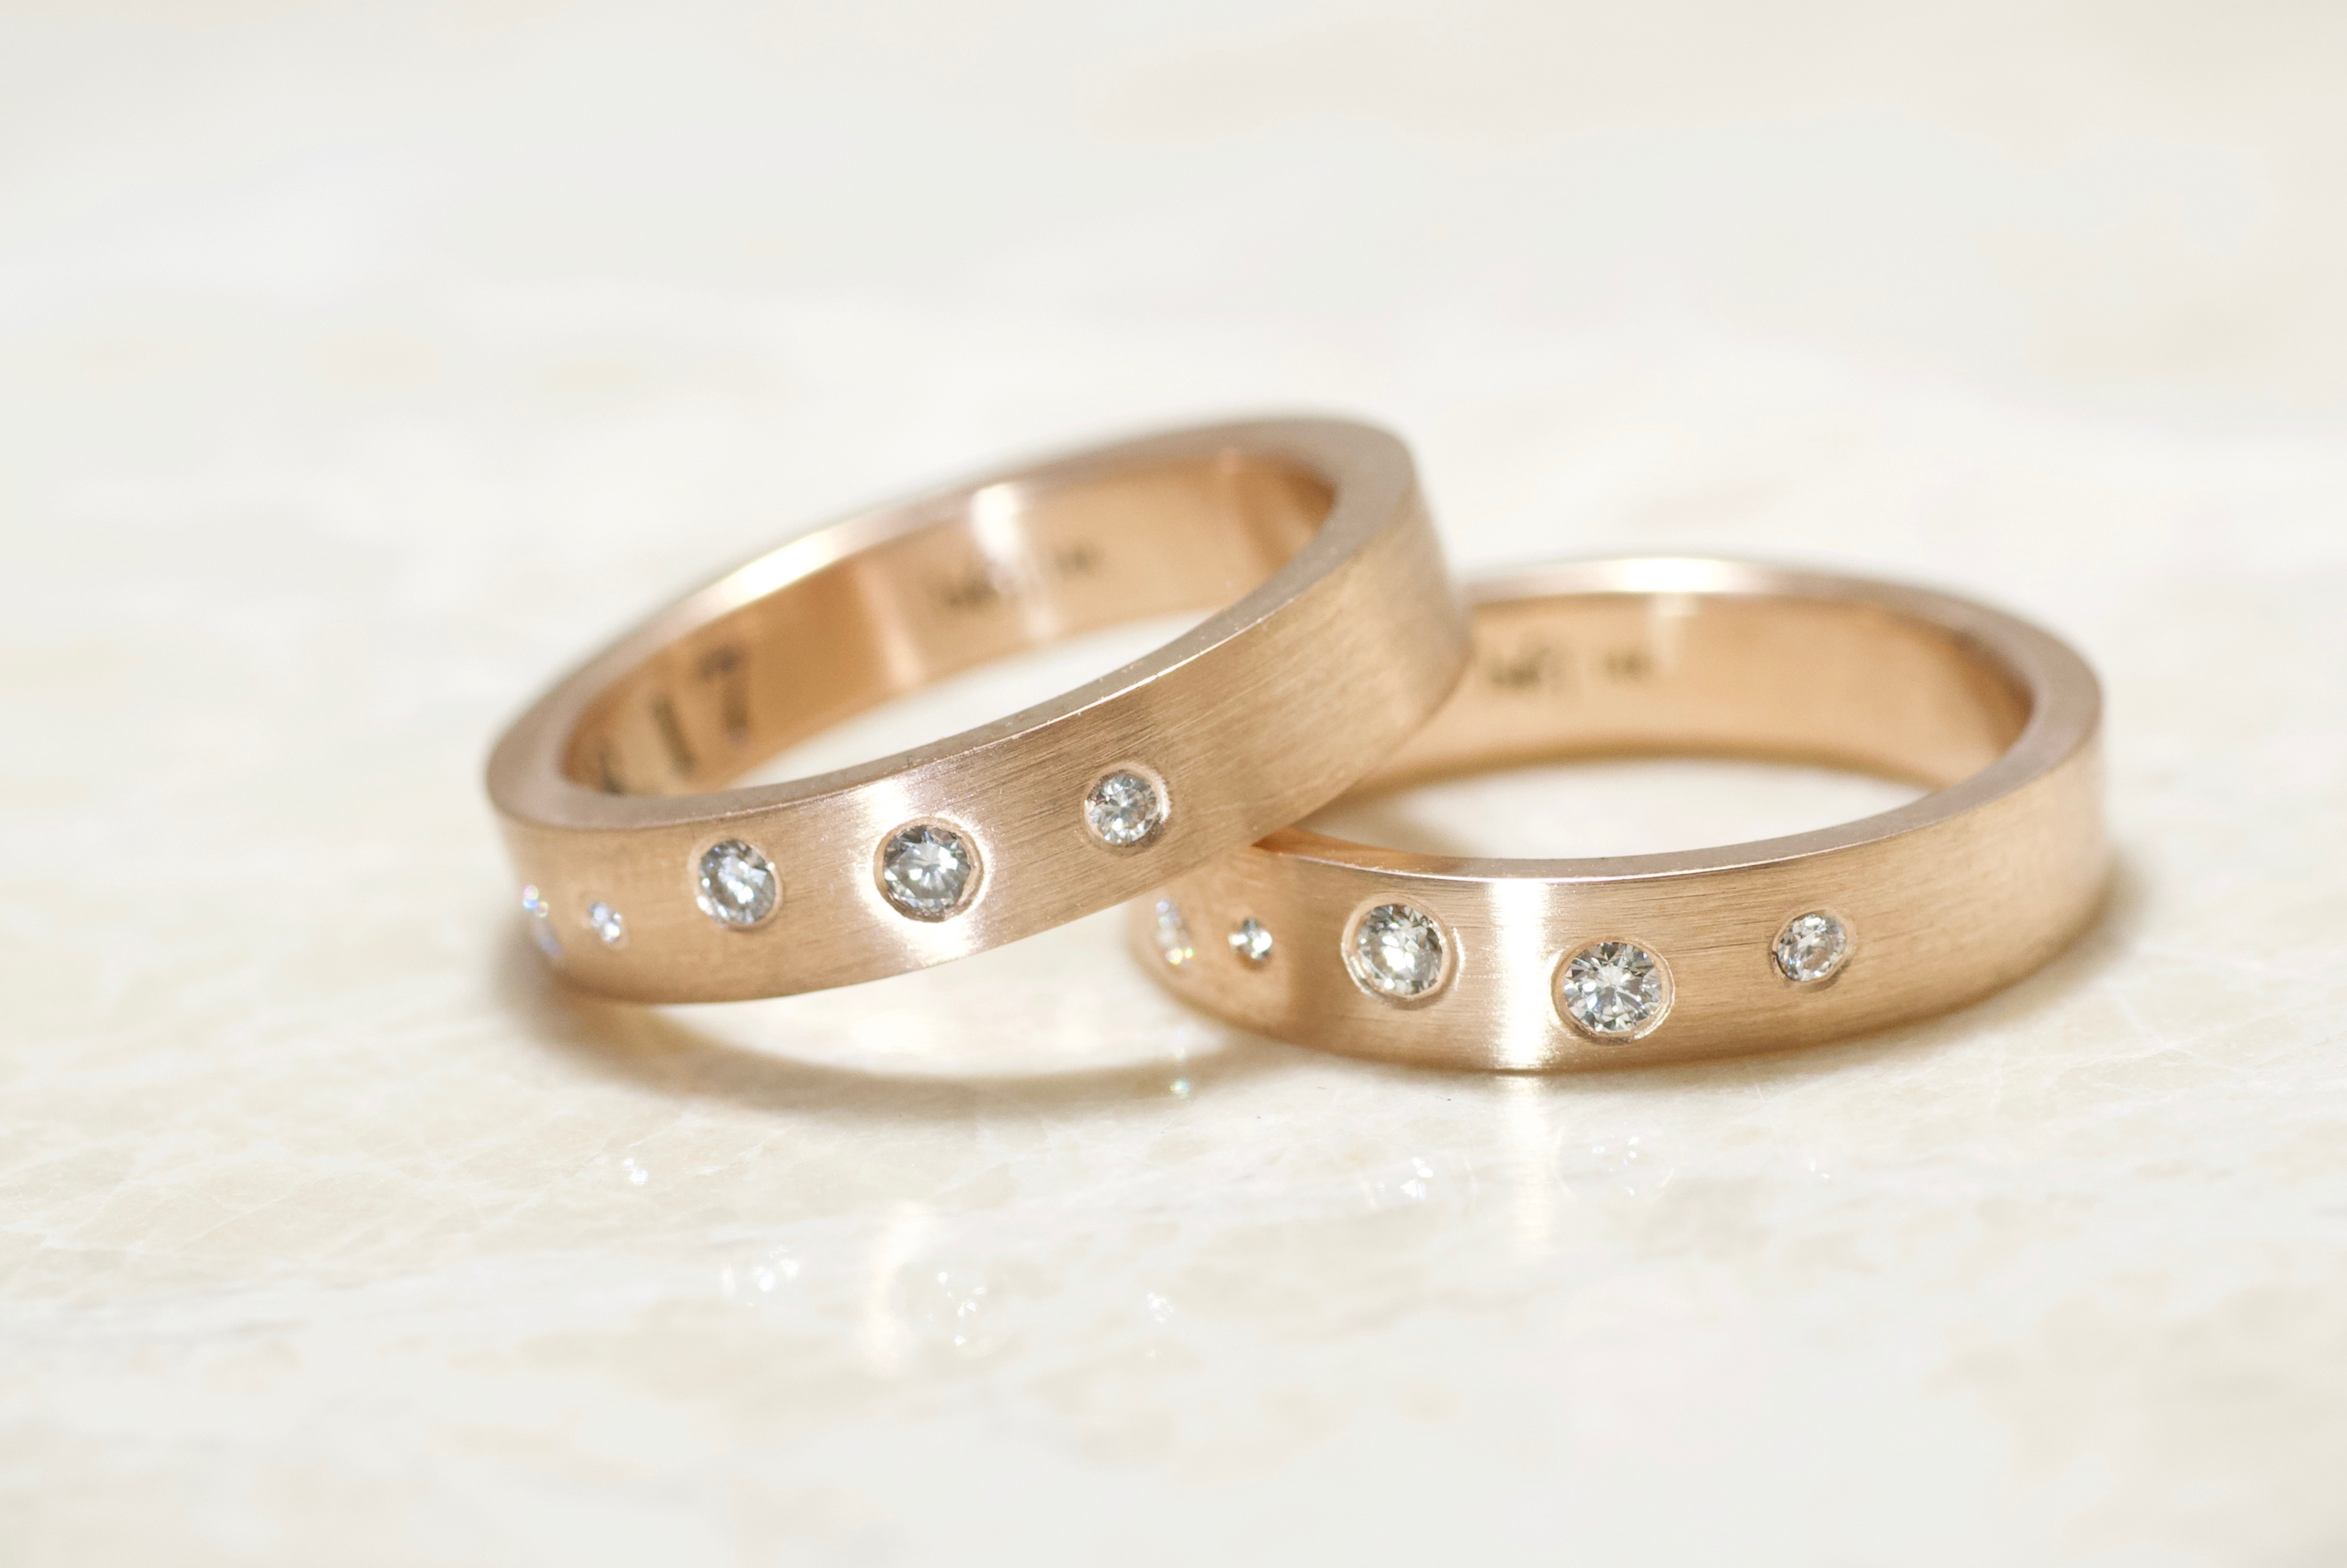 14k rose 4mm diamond scatter fingerprint rings by Brent&Jess